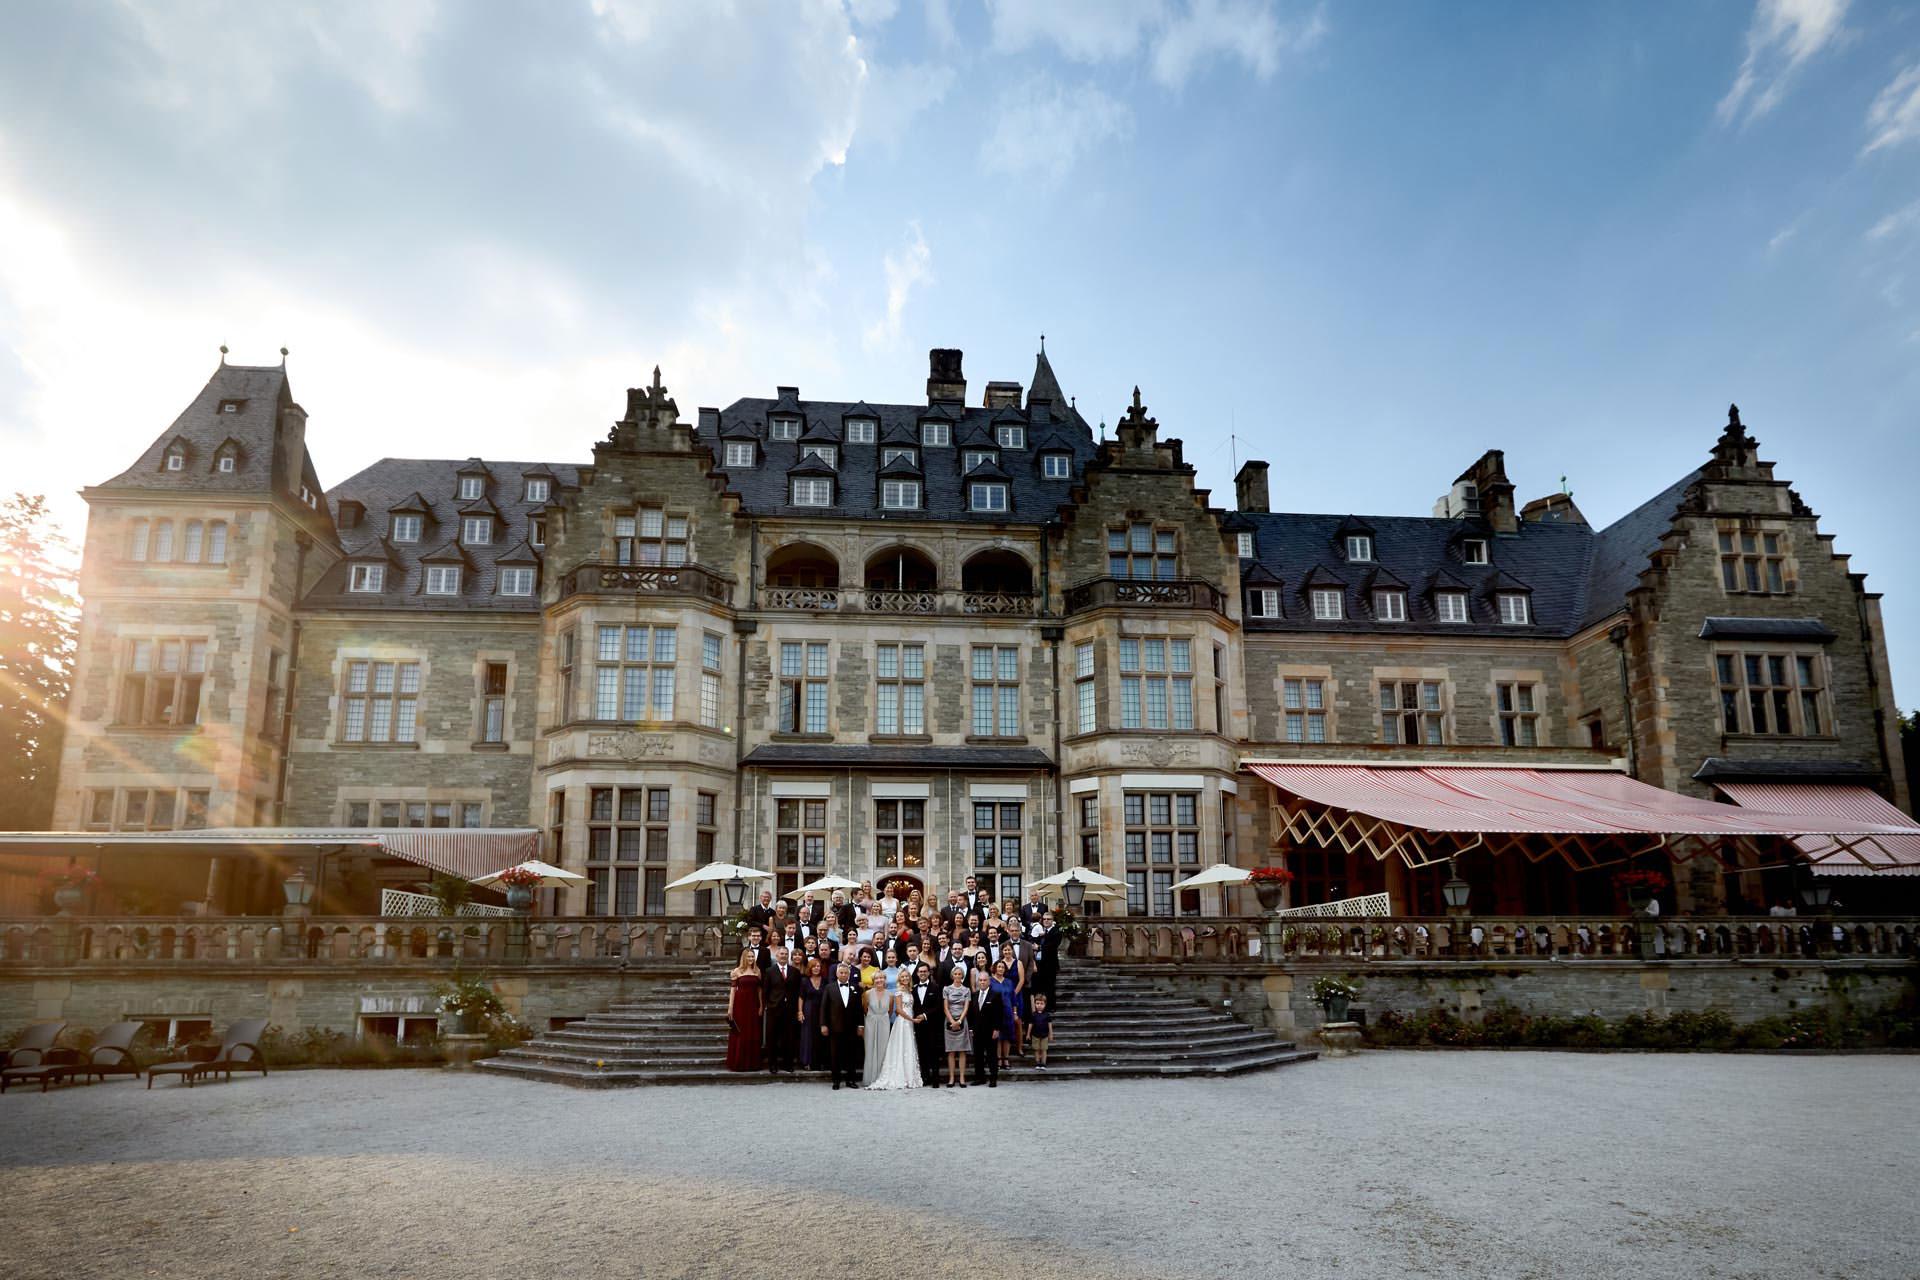 NS_447__Schlosshotel_Kronberg_#SchlosshotelKronberg_